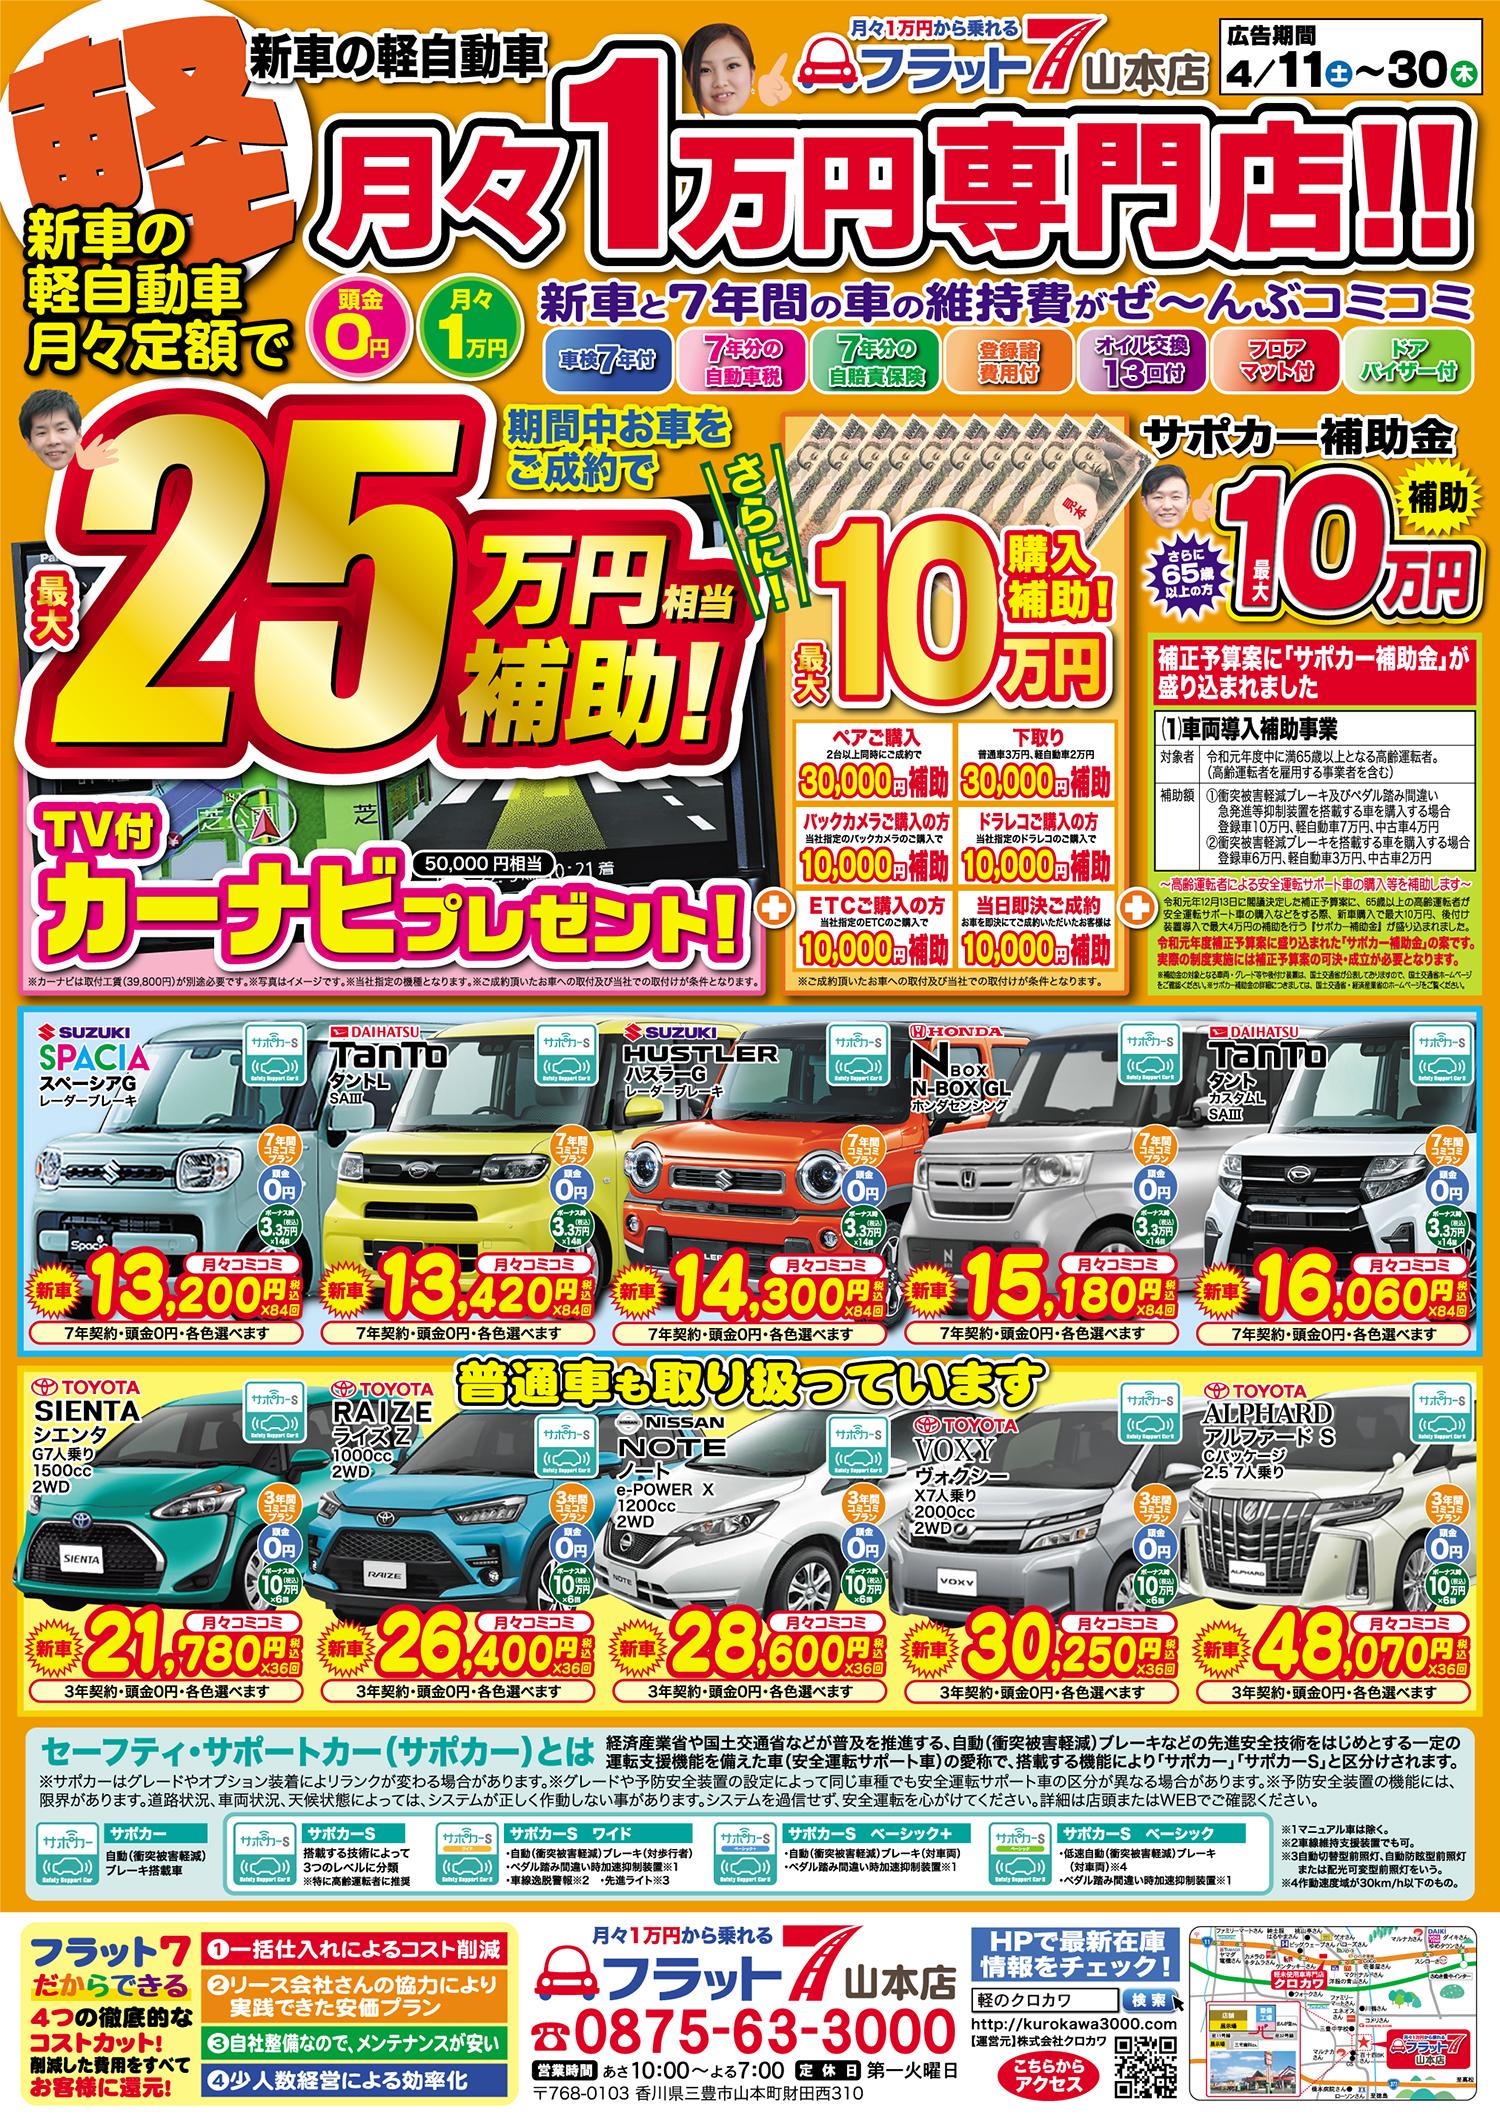 【フラット7】最大25万円相当の補助!